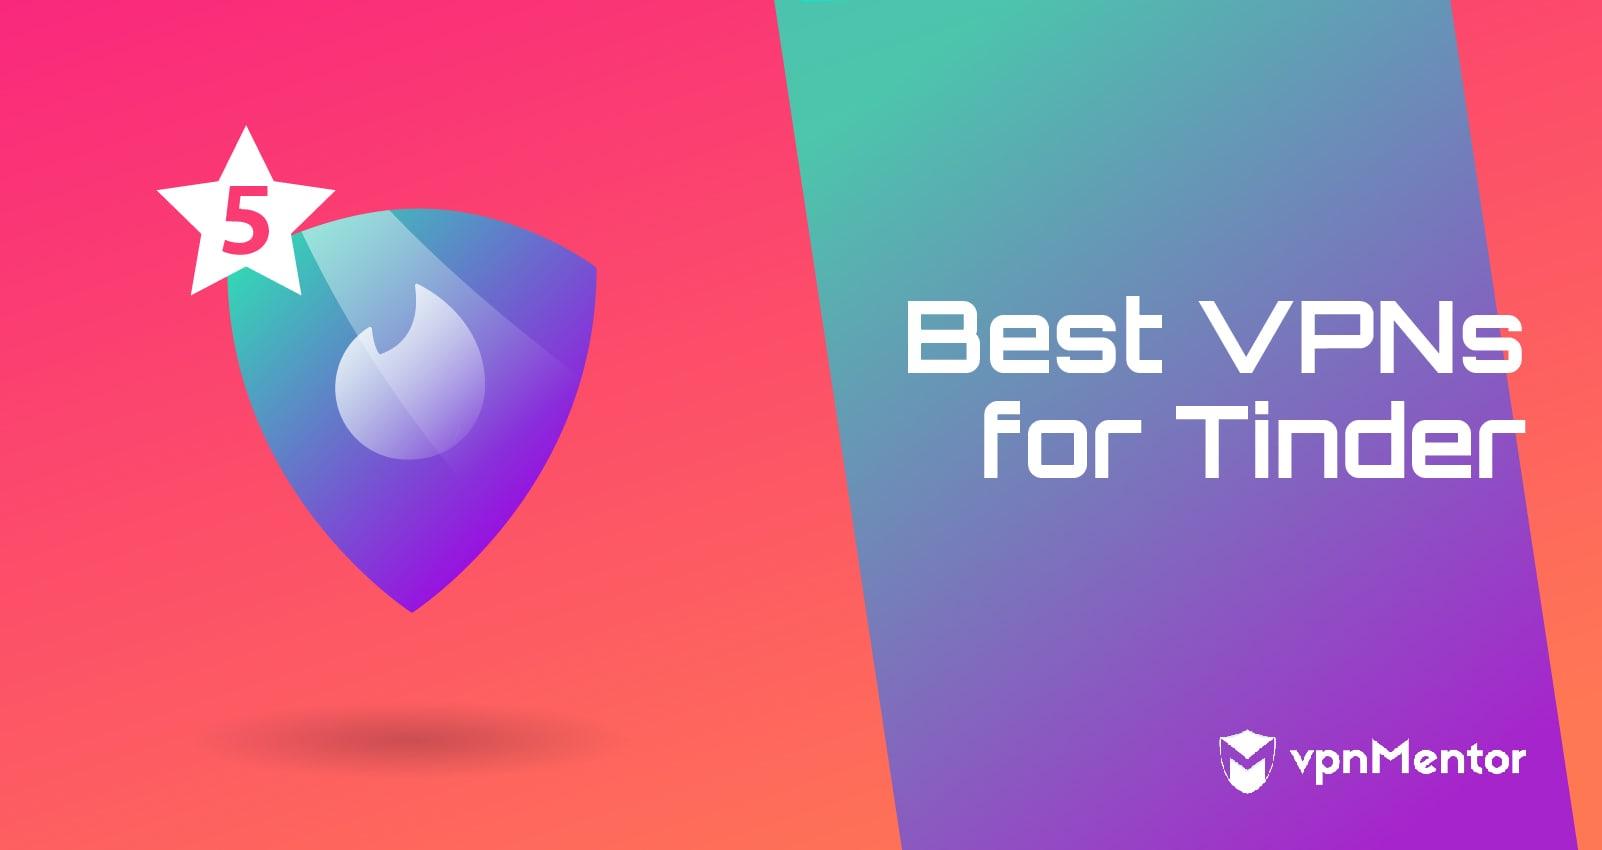 Best VPNs for Tinder